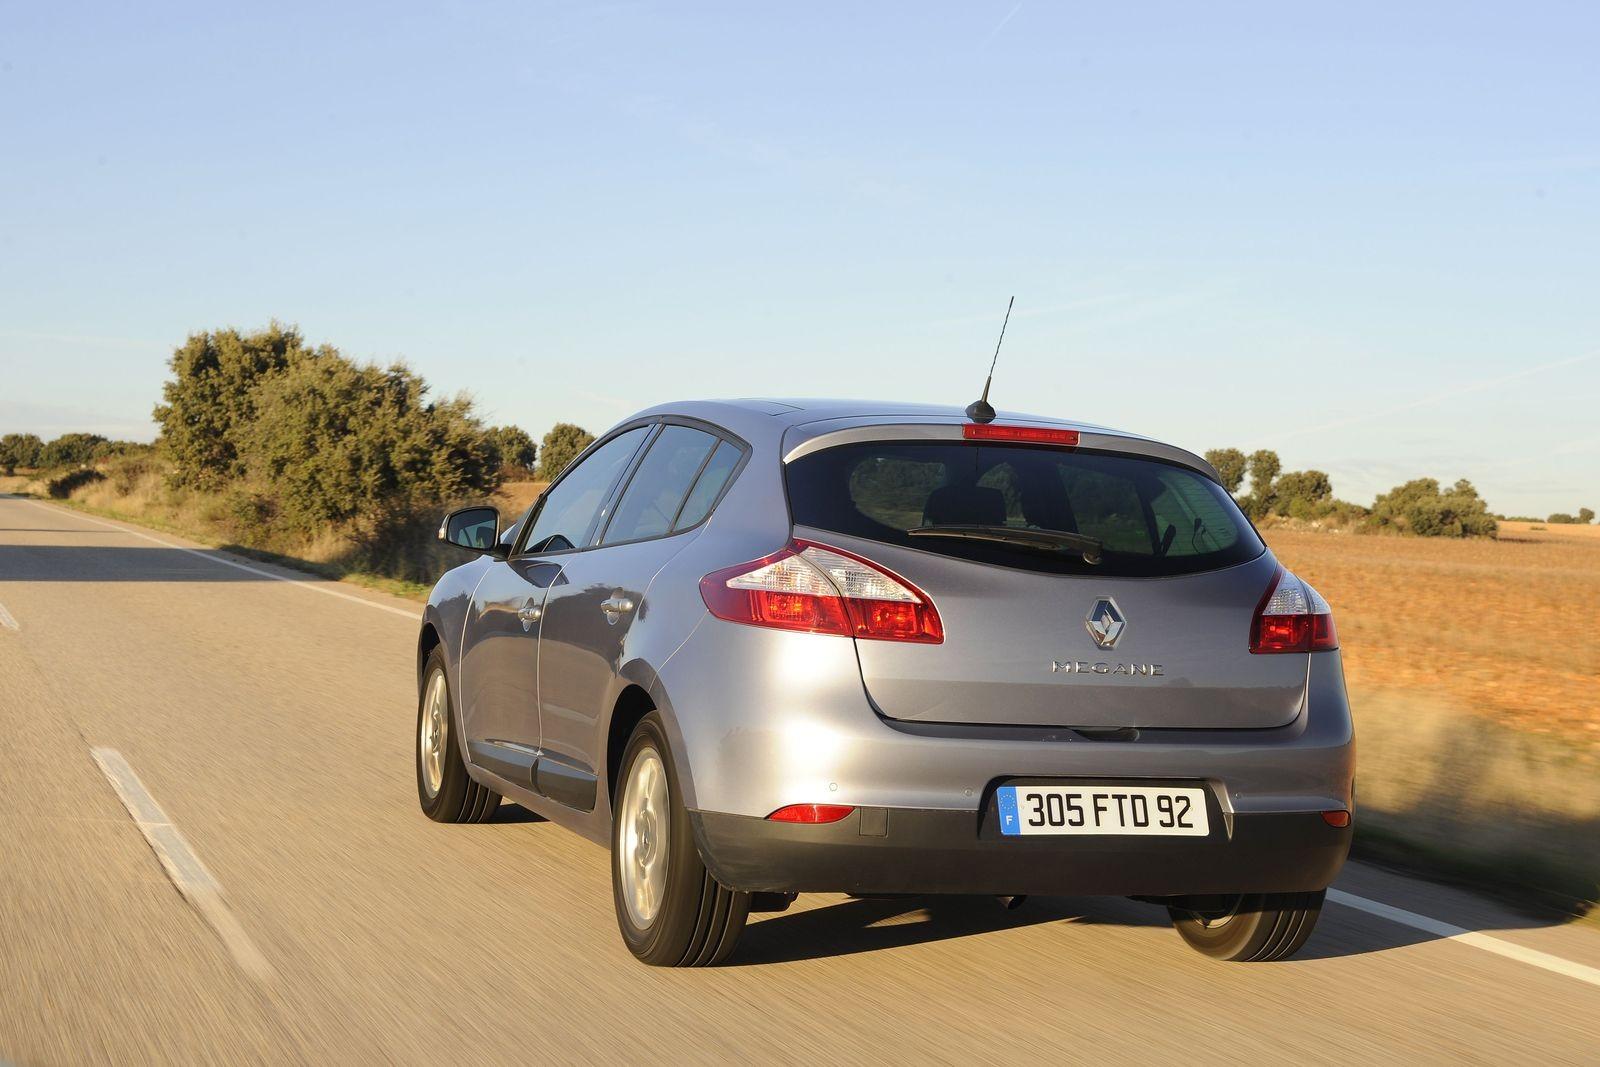 С-класс по цене подержанной Гранты: стоит ли покупать Renault Megane III за 650 тысяч рублей